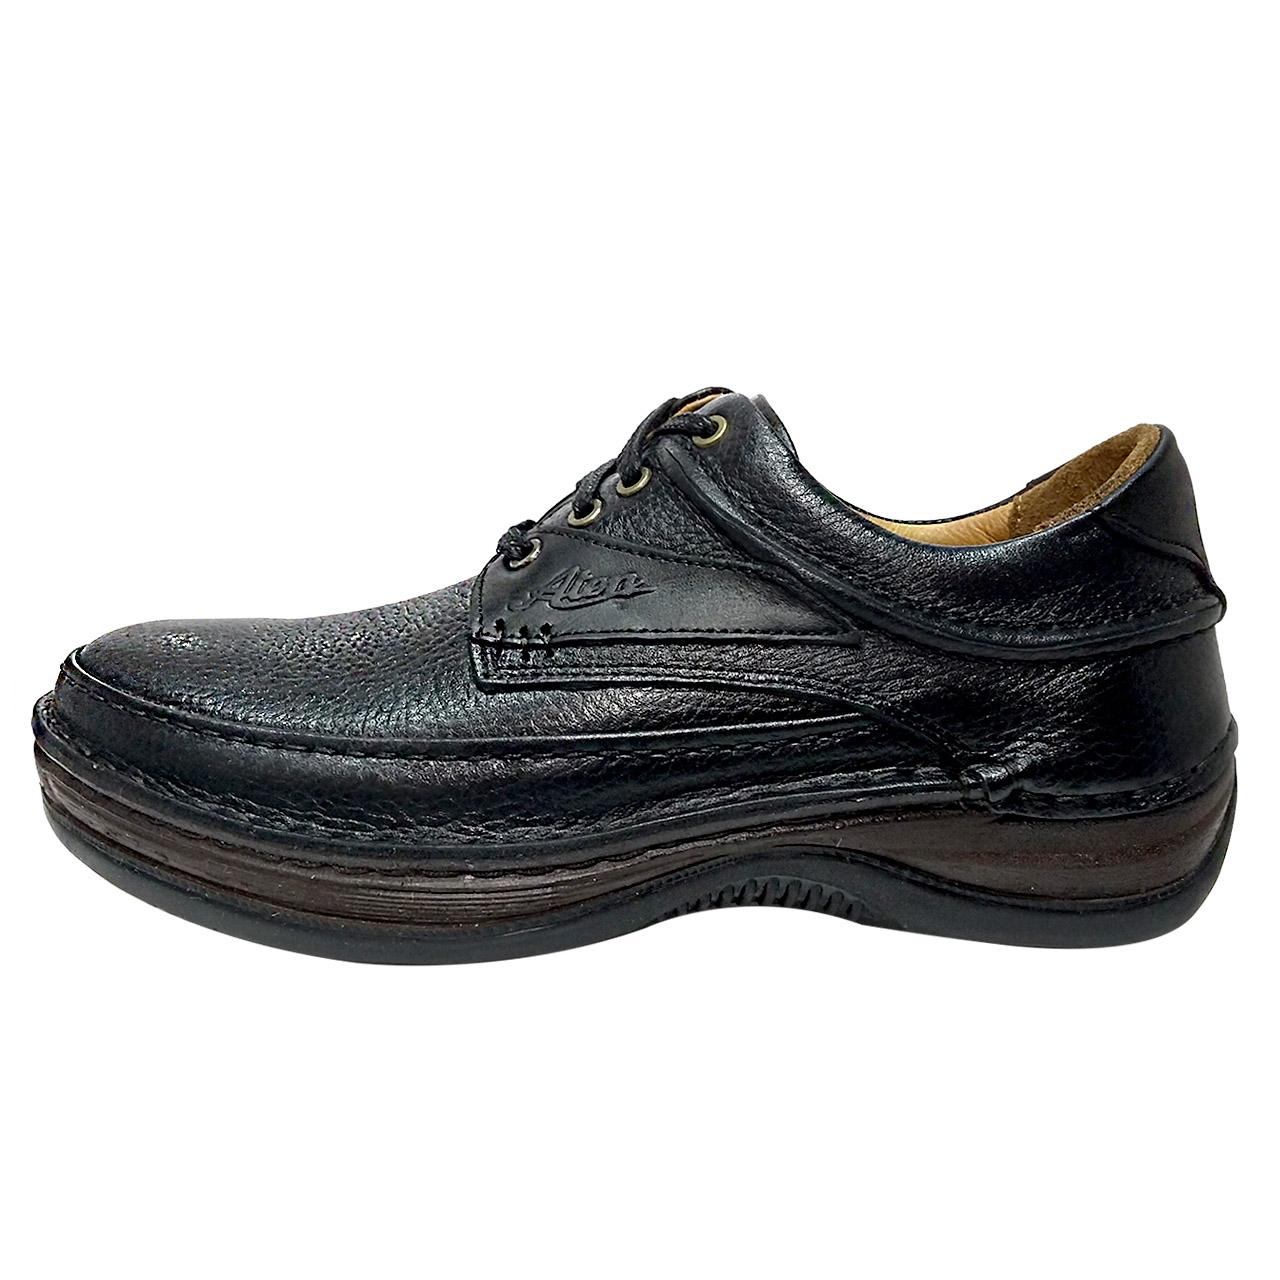 عکس کفش طبی مردانه آتن مدل آرتین کد 11